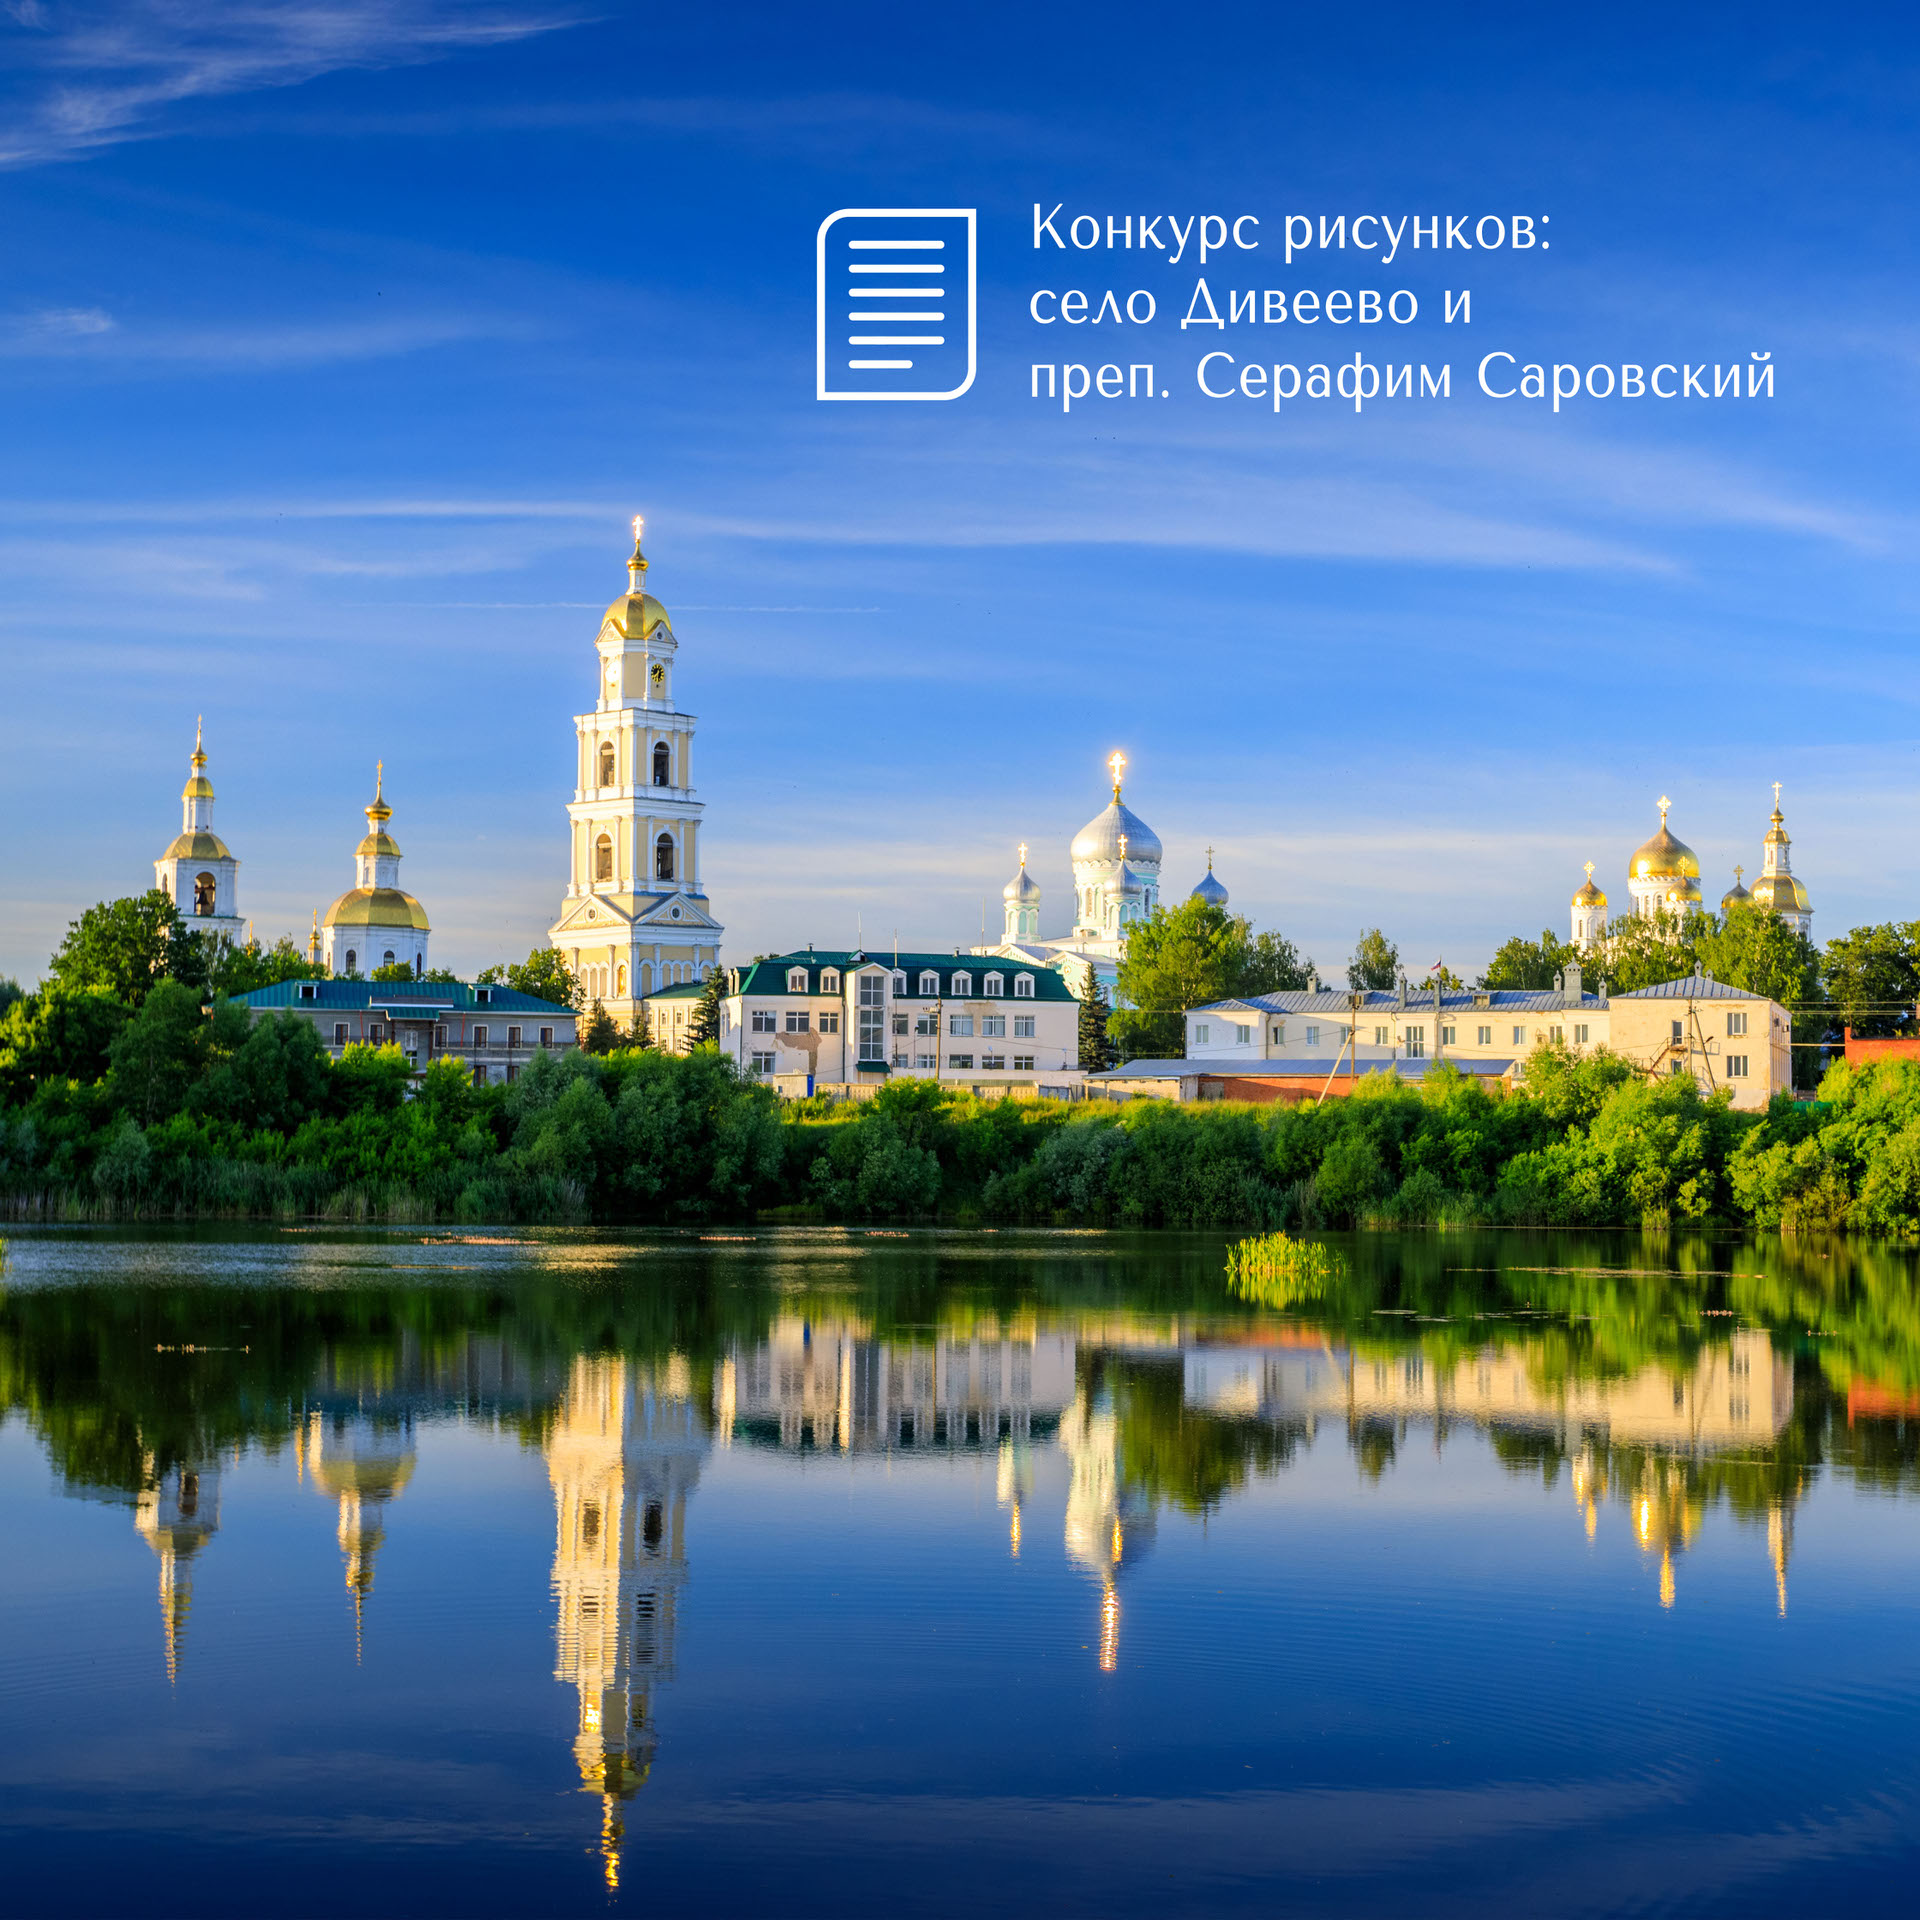 В соцсетях стартовал творческий конкурс, приуроченный ко дню памяти преподобного Серафима Саровского